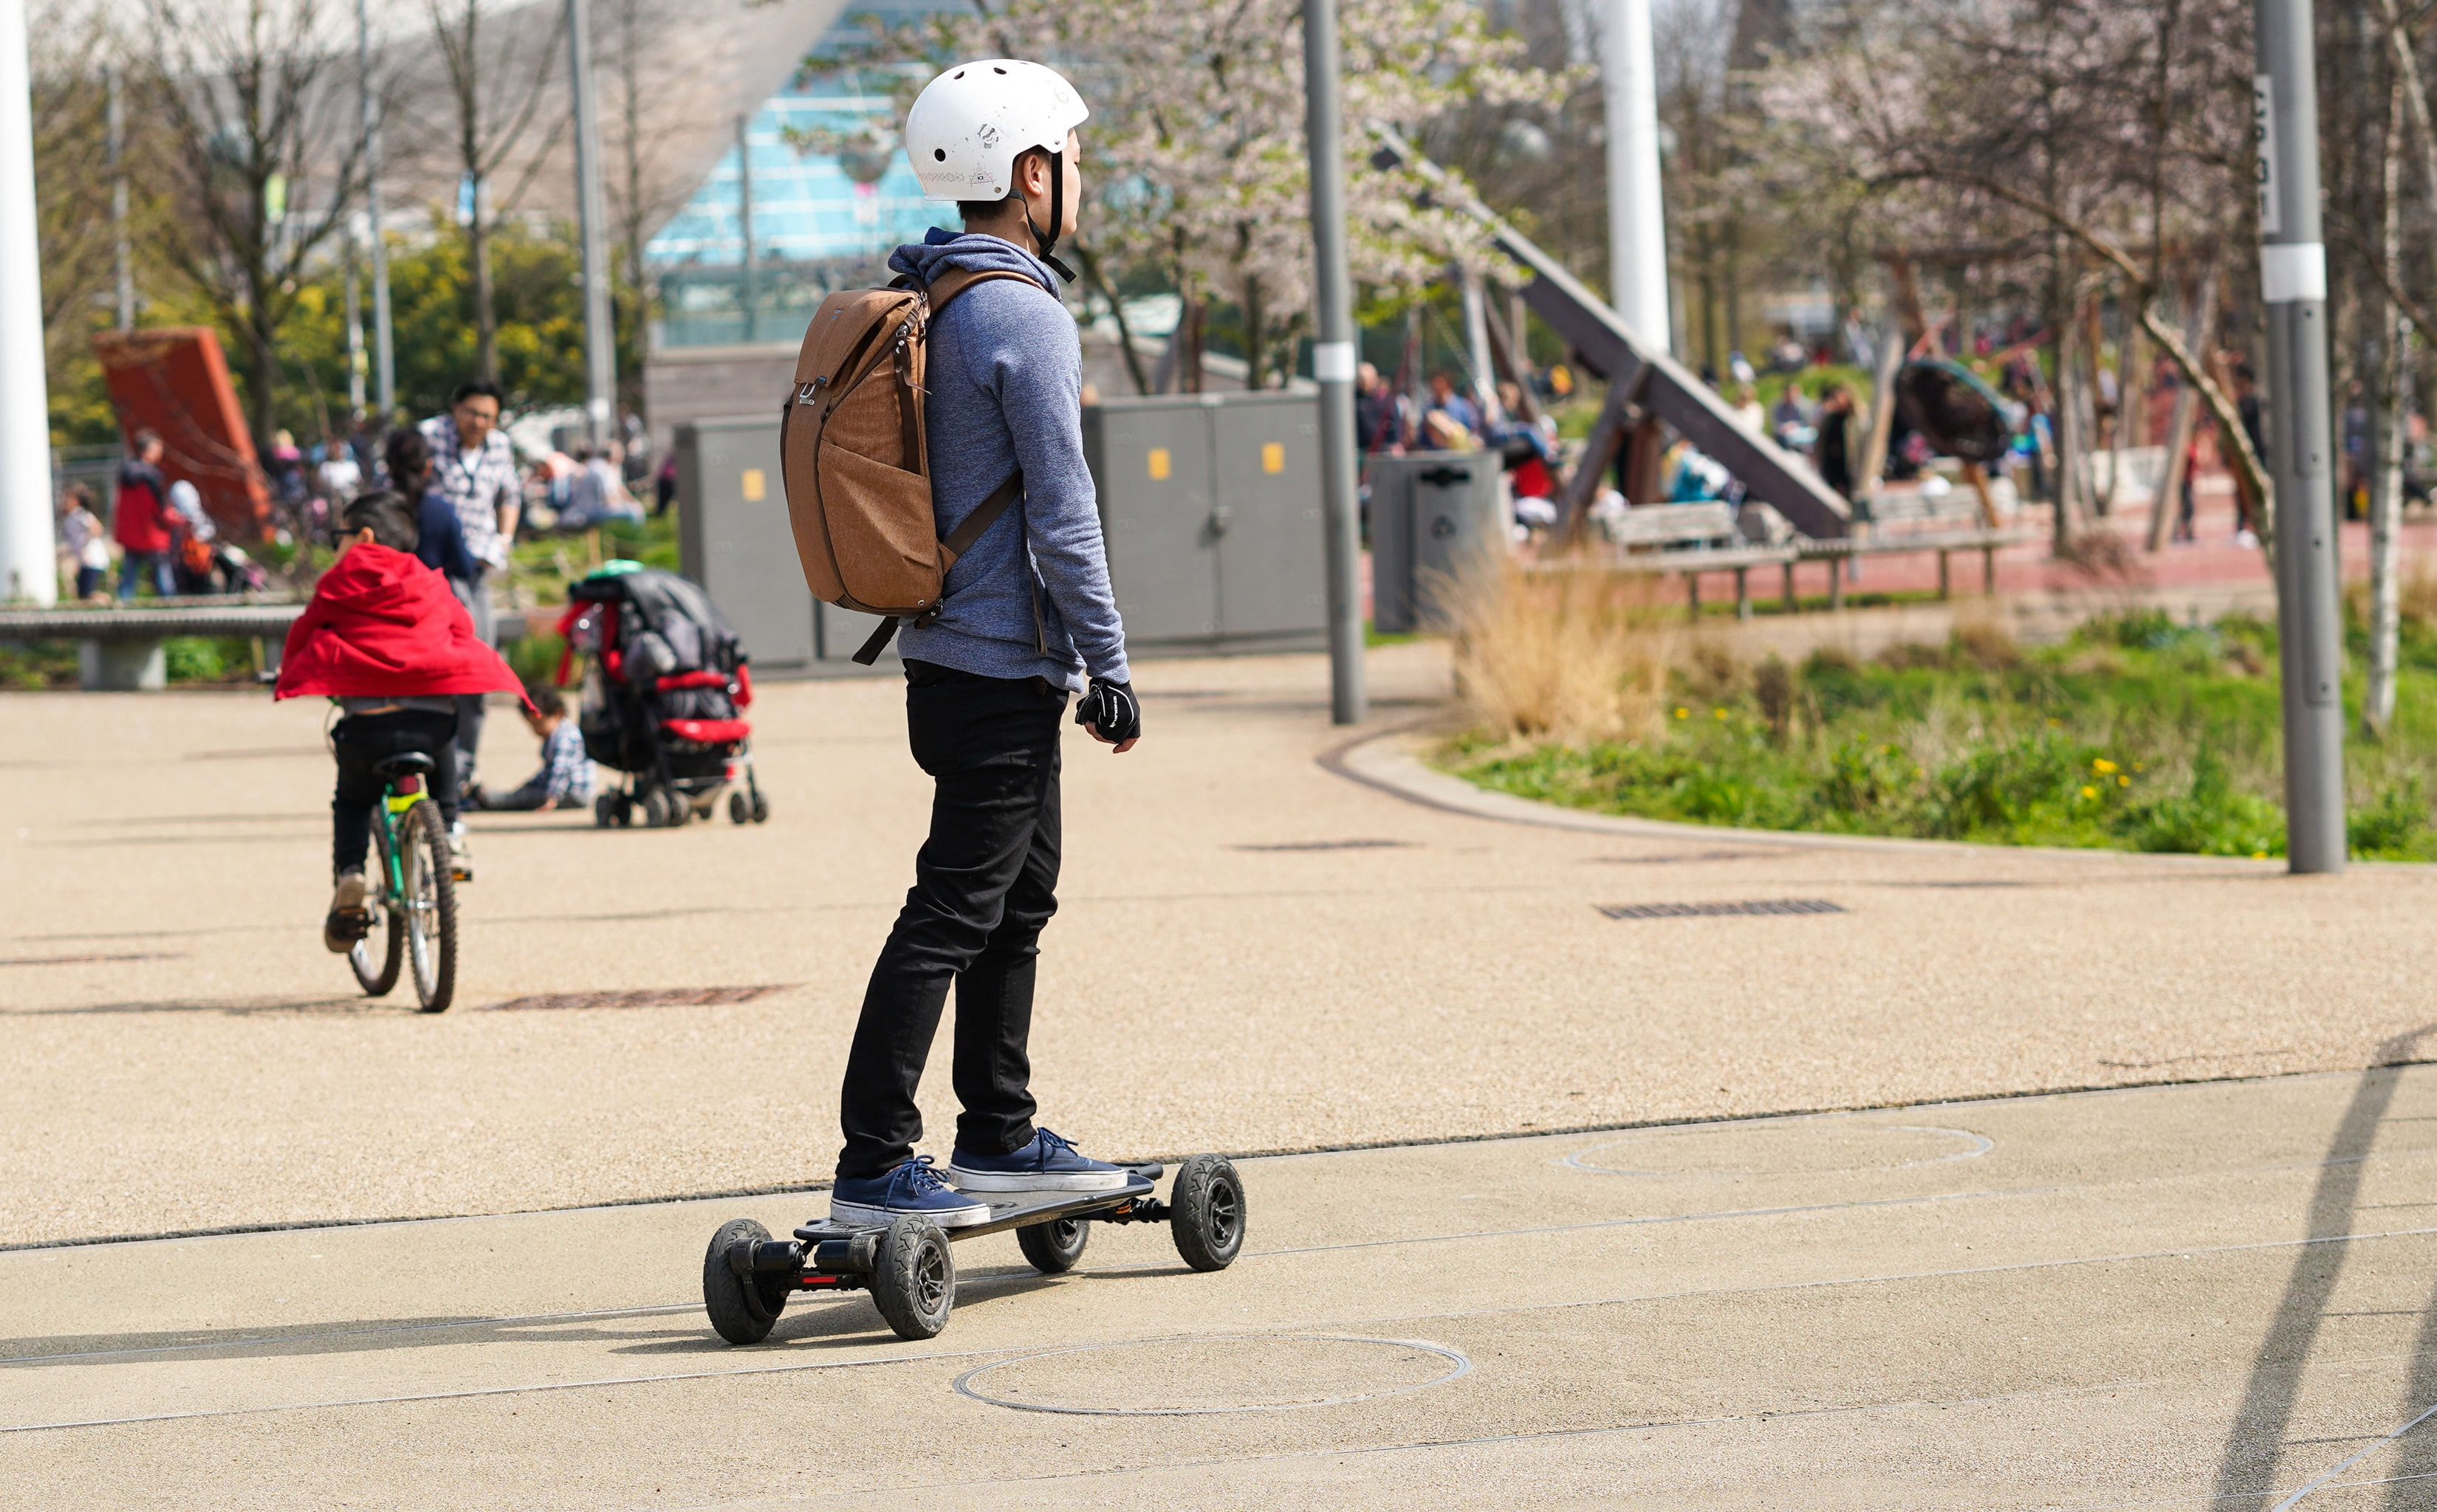 man riding skate on road during daytime